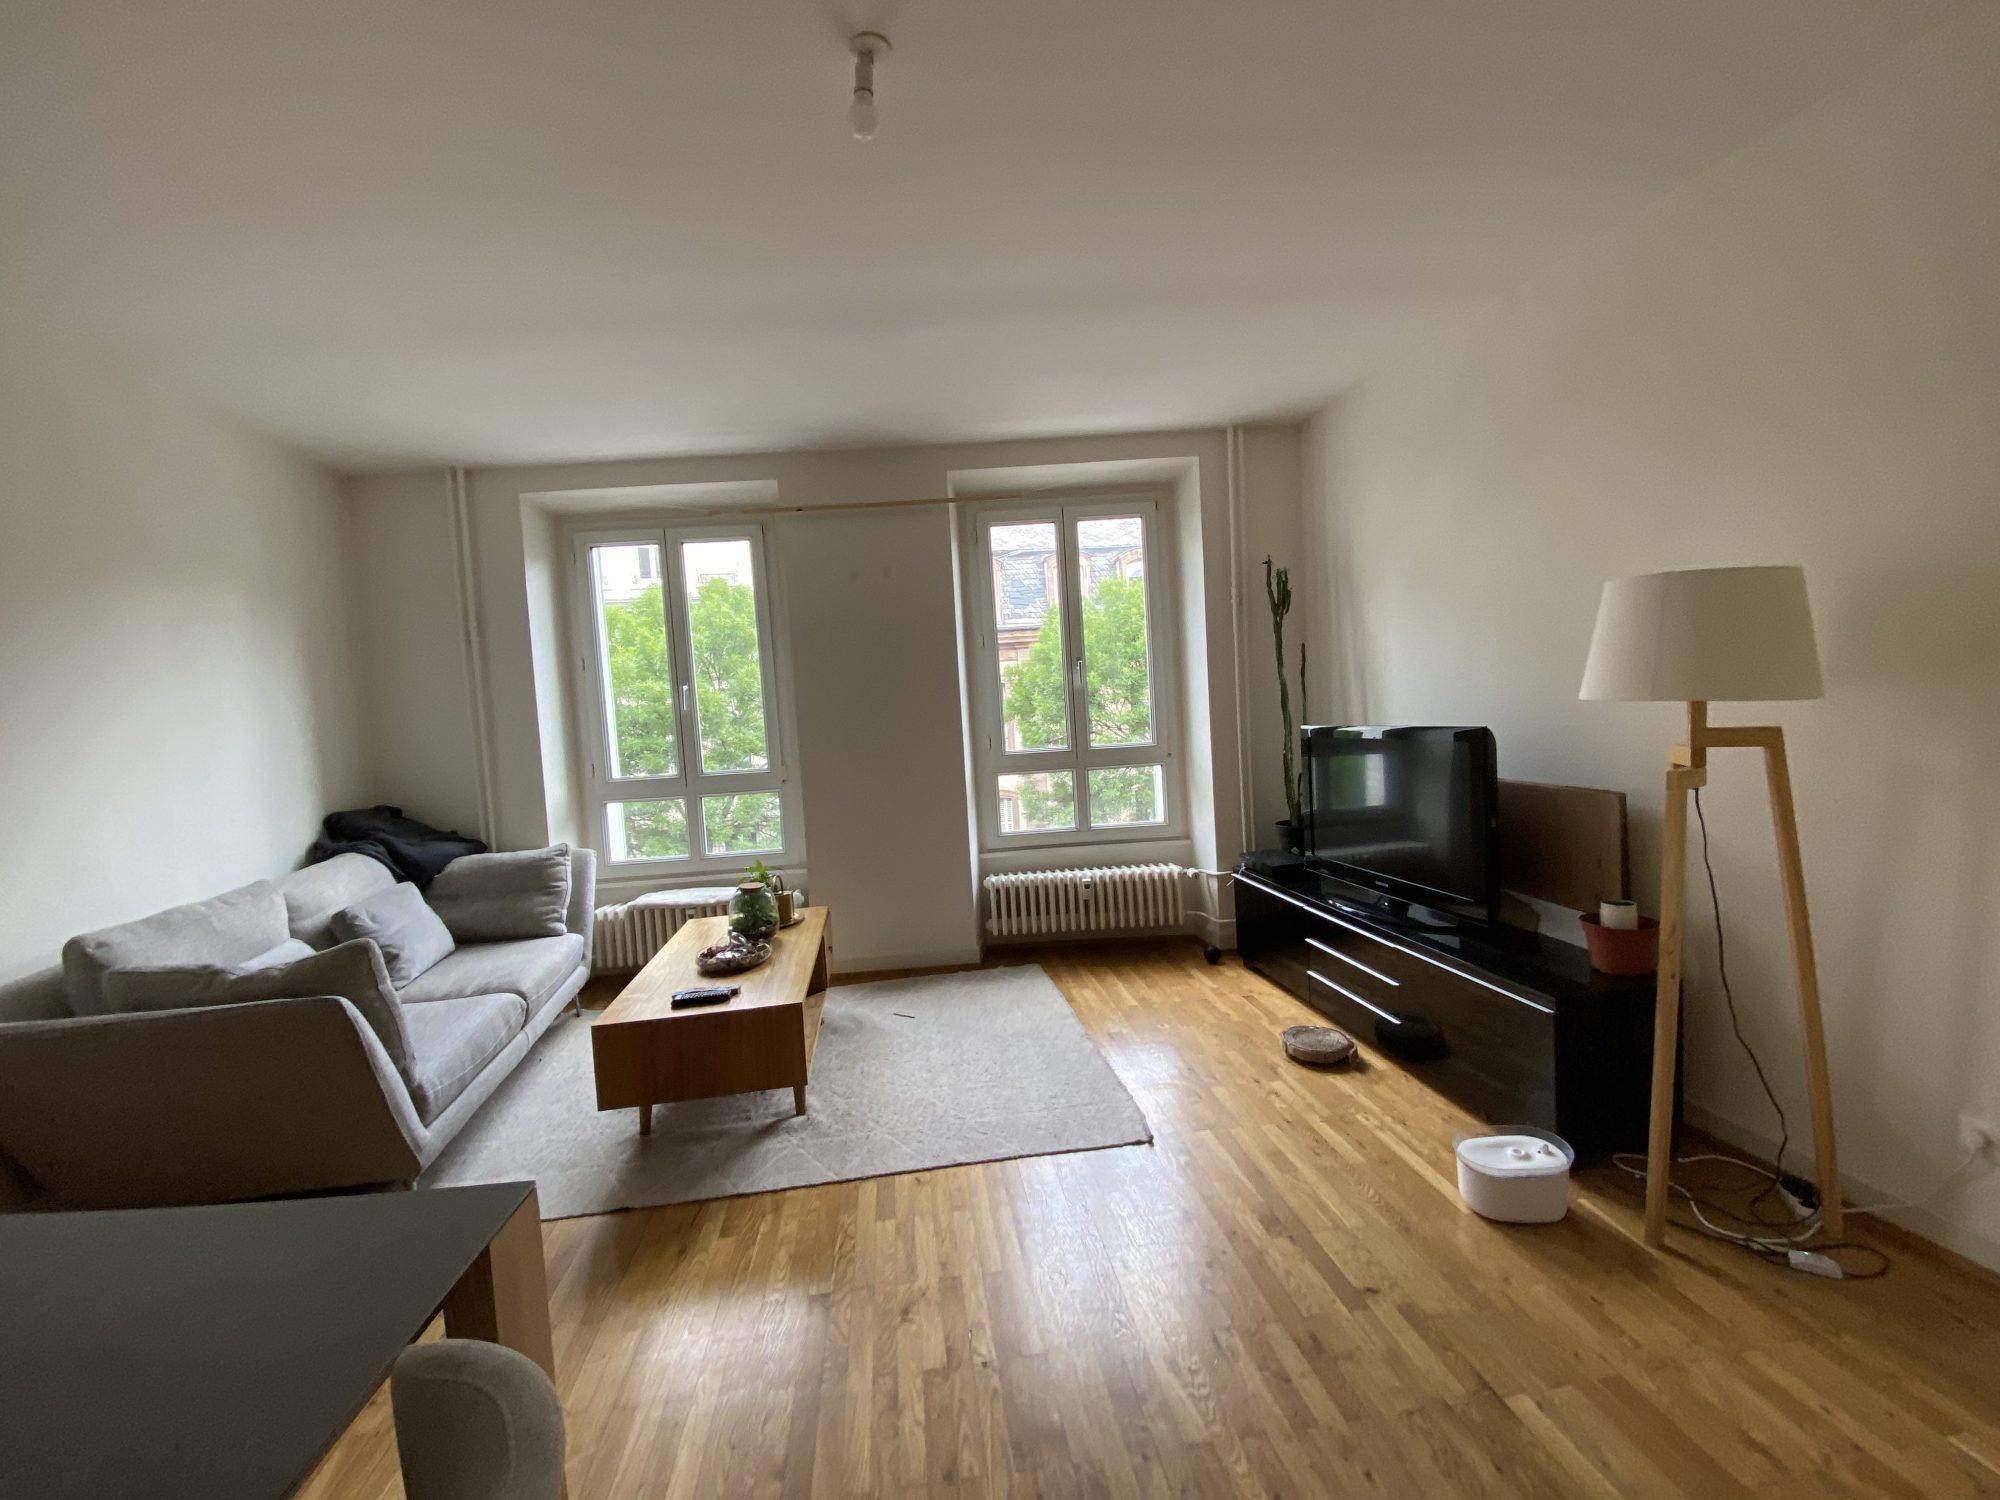 Grand 3 pièces HYPERCENTRE - Devenez locataire en toute sérénité - Bintz Immobilier - 15